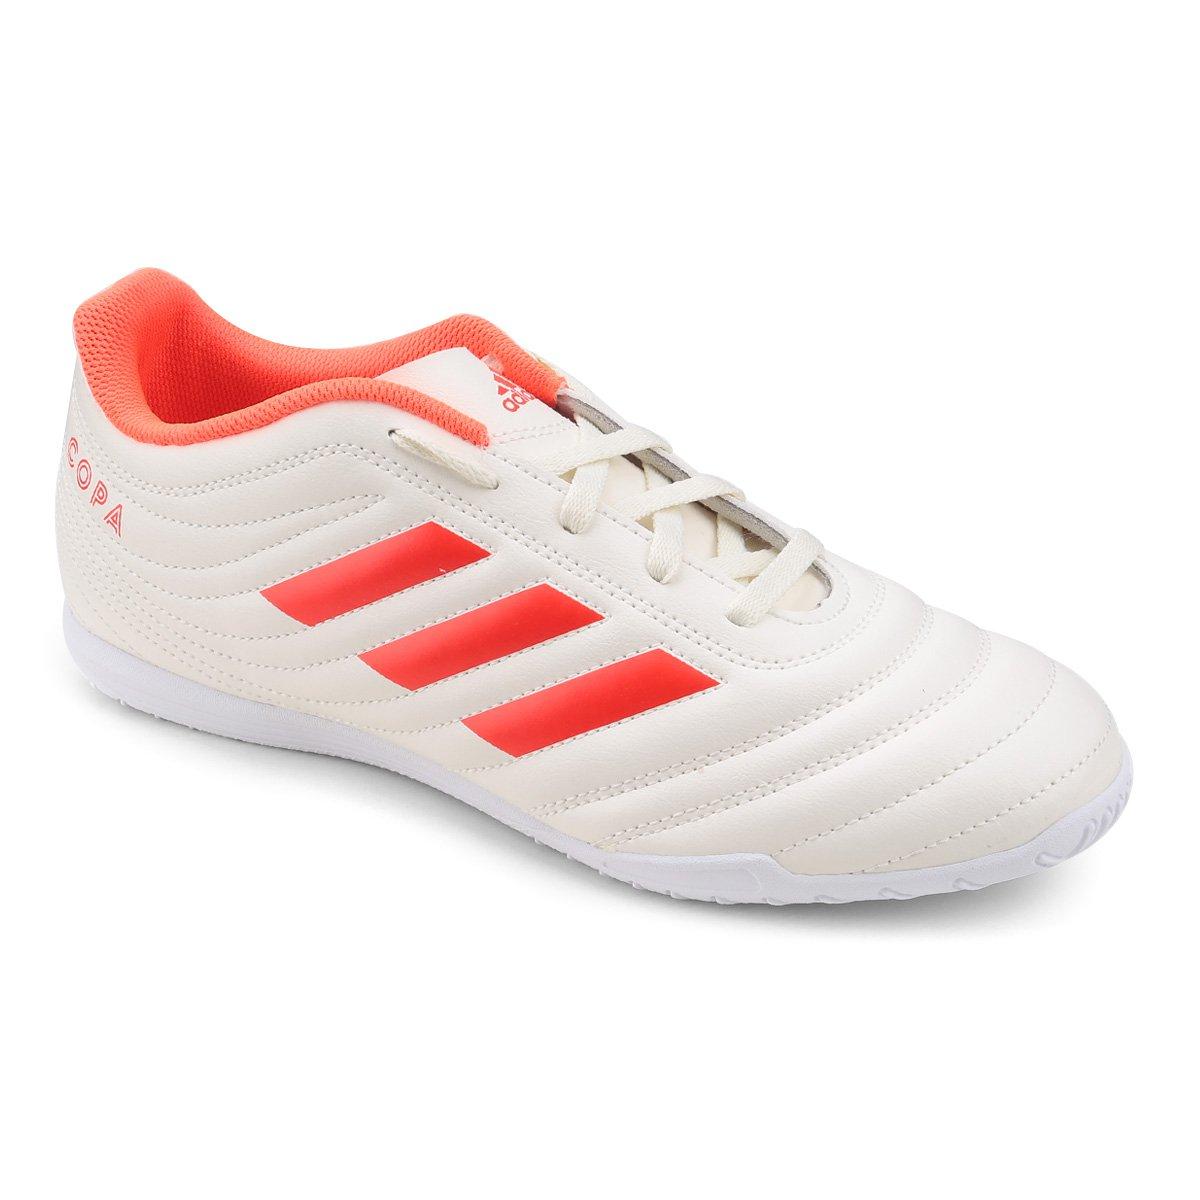 fde43a9a6a51c Chuteira Futsal Adidas Copa 19 4 IN - Compre Agora